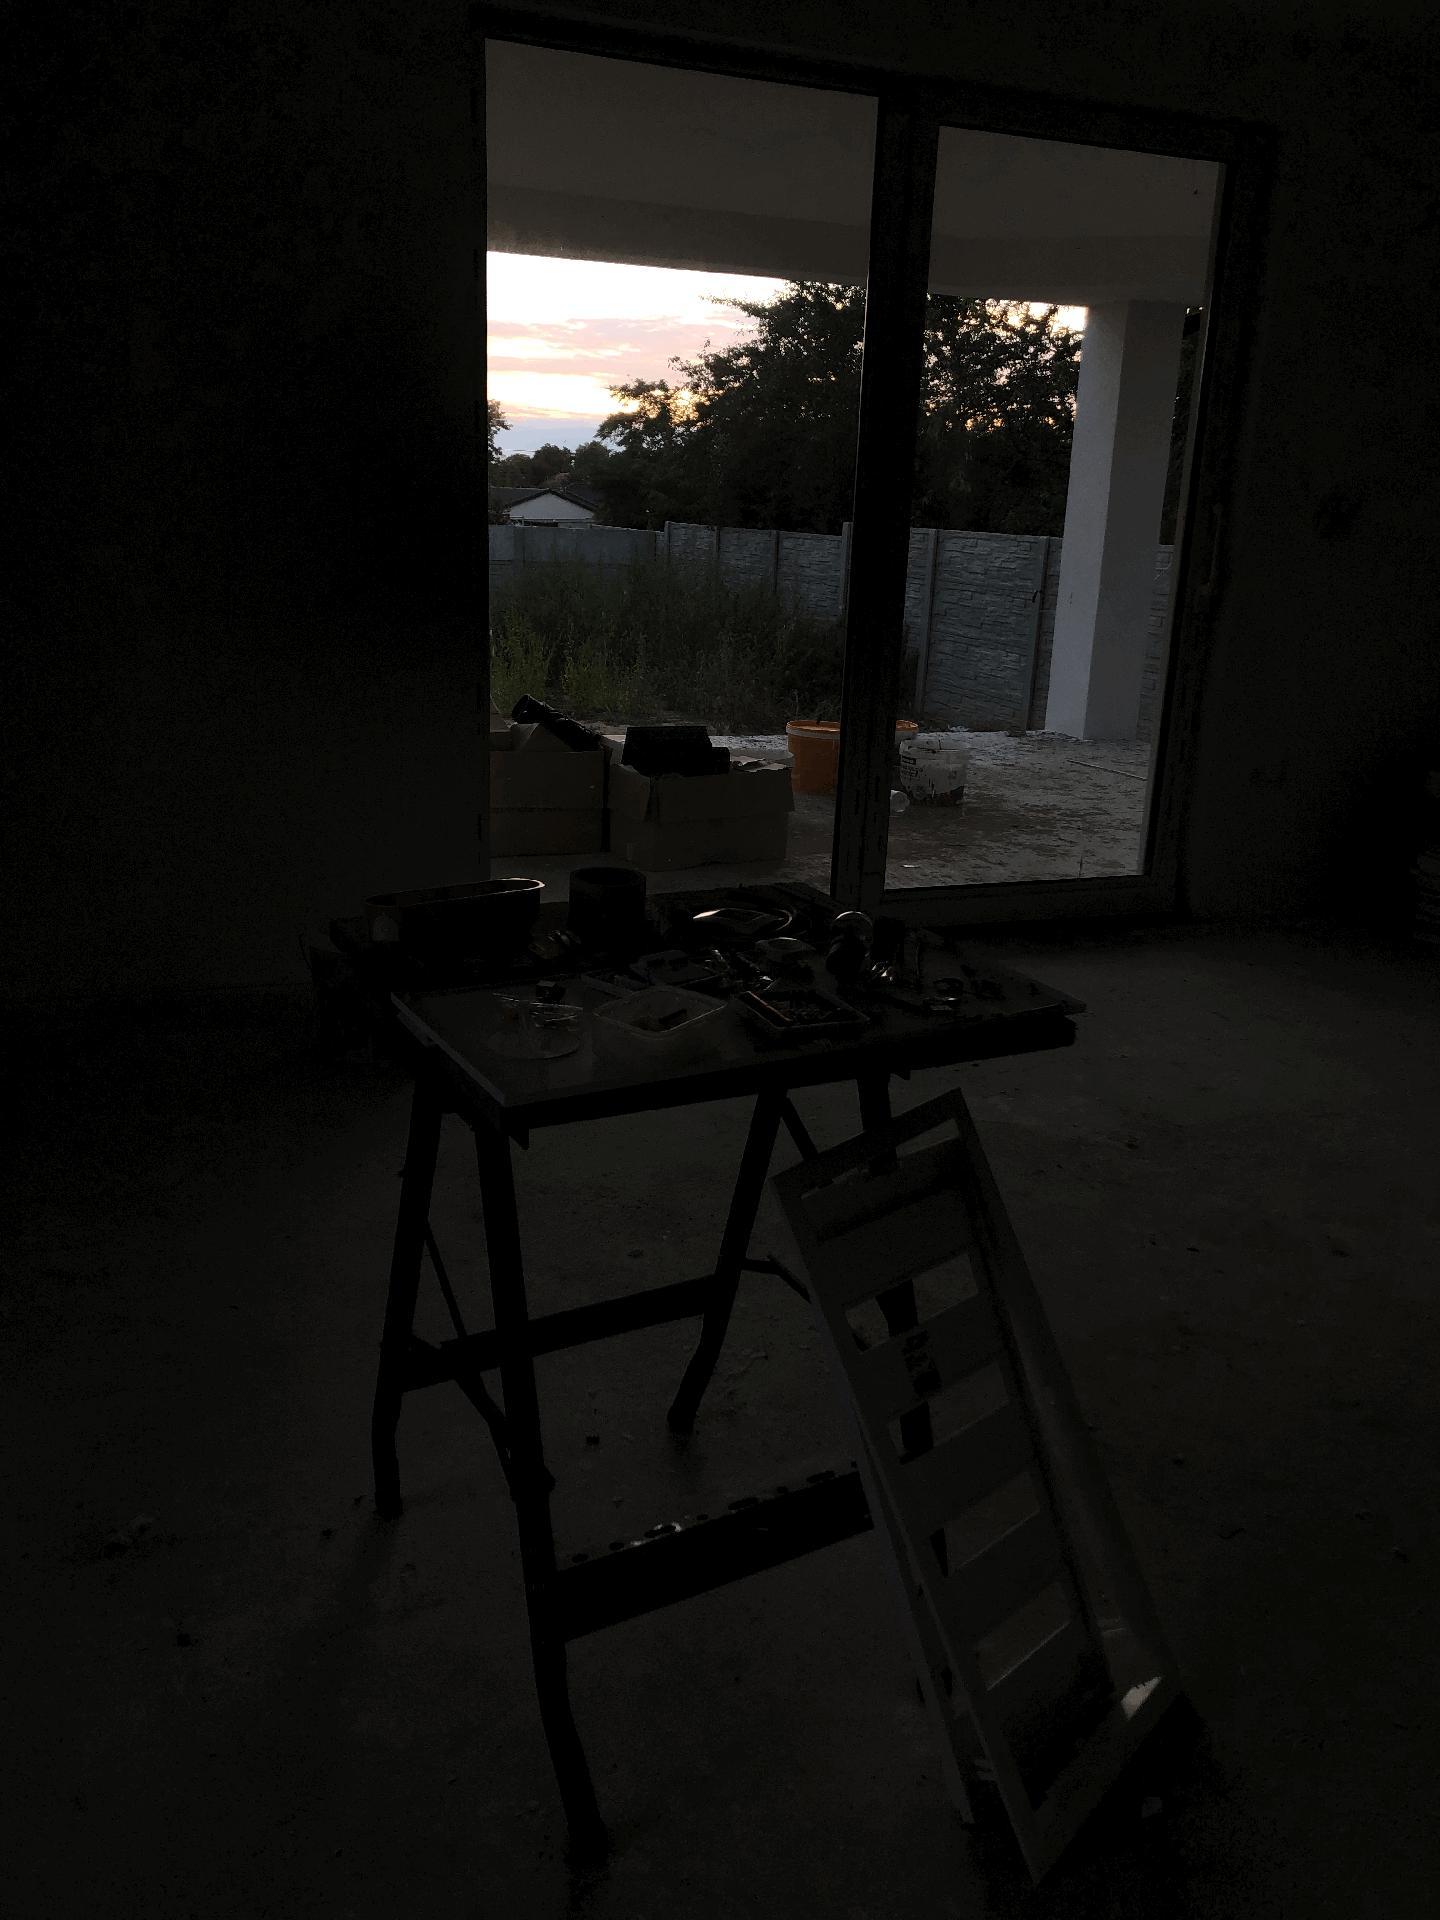 Naše prvé vlastné bývanie - západy slnka na terase budú fajn :)